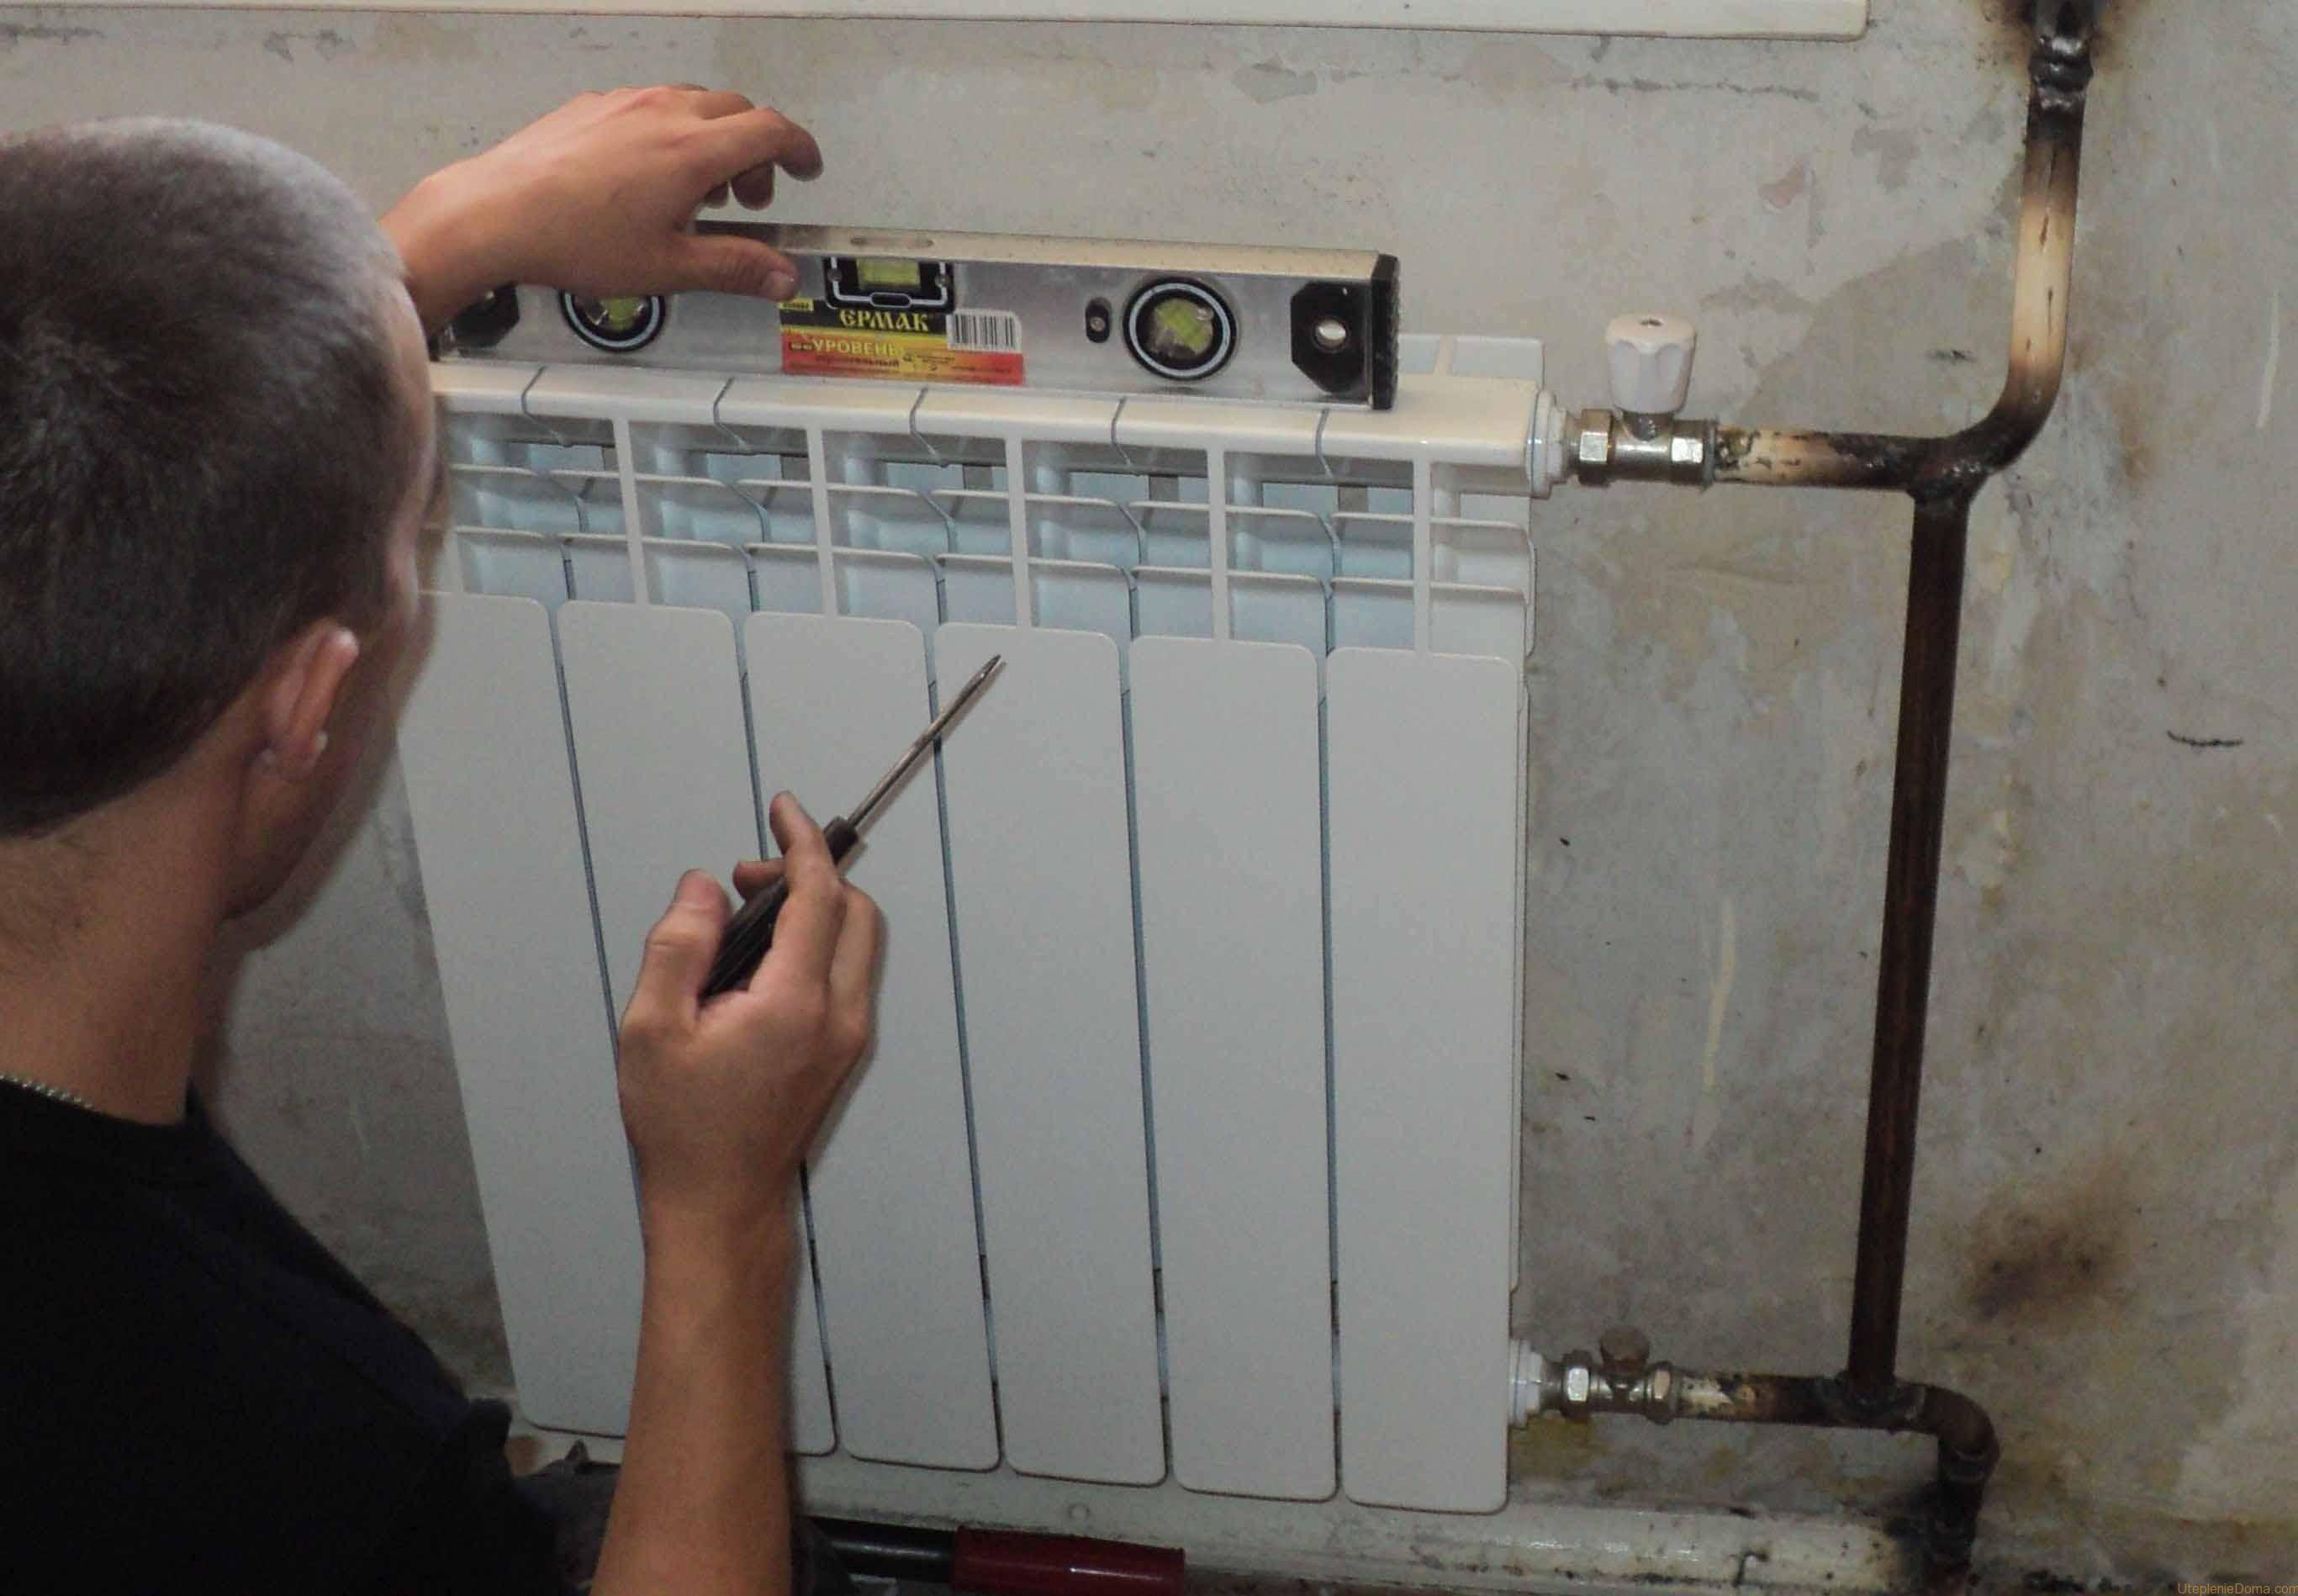 Установка батарей отопления в частном доме: монтаж радиаторов, как установить, правильно поставить